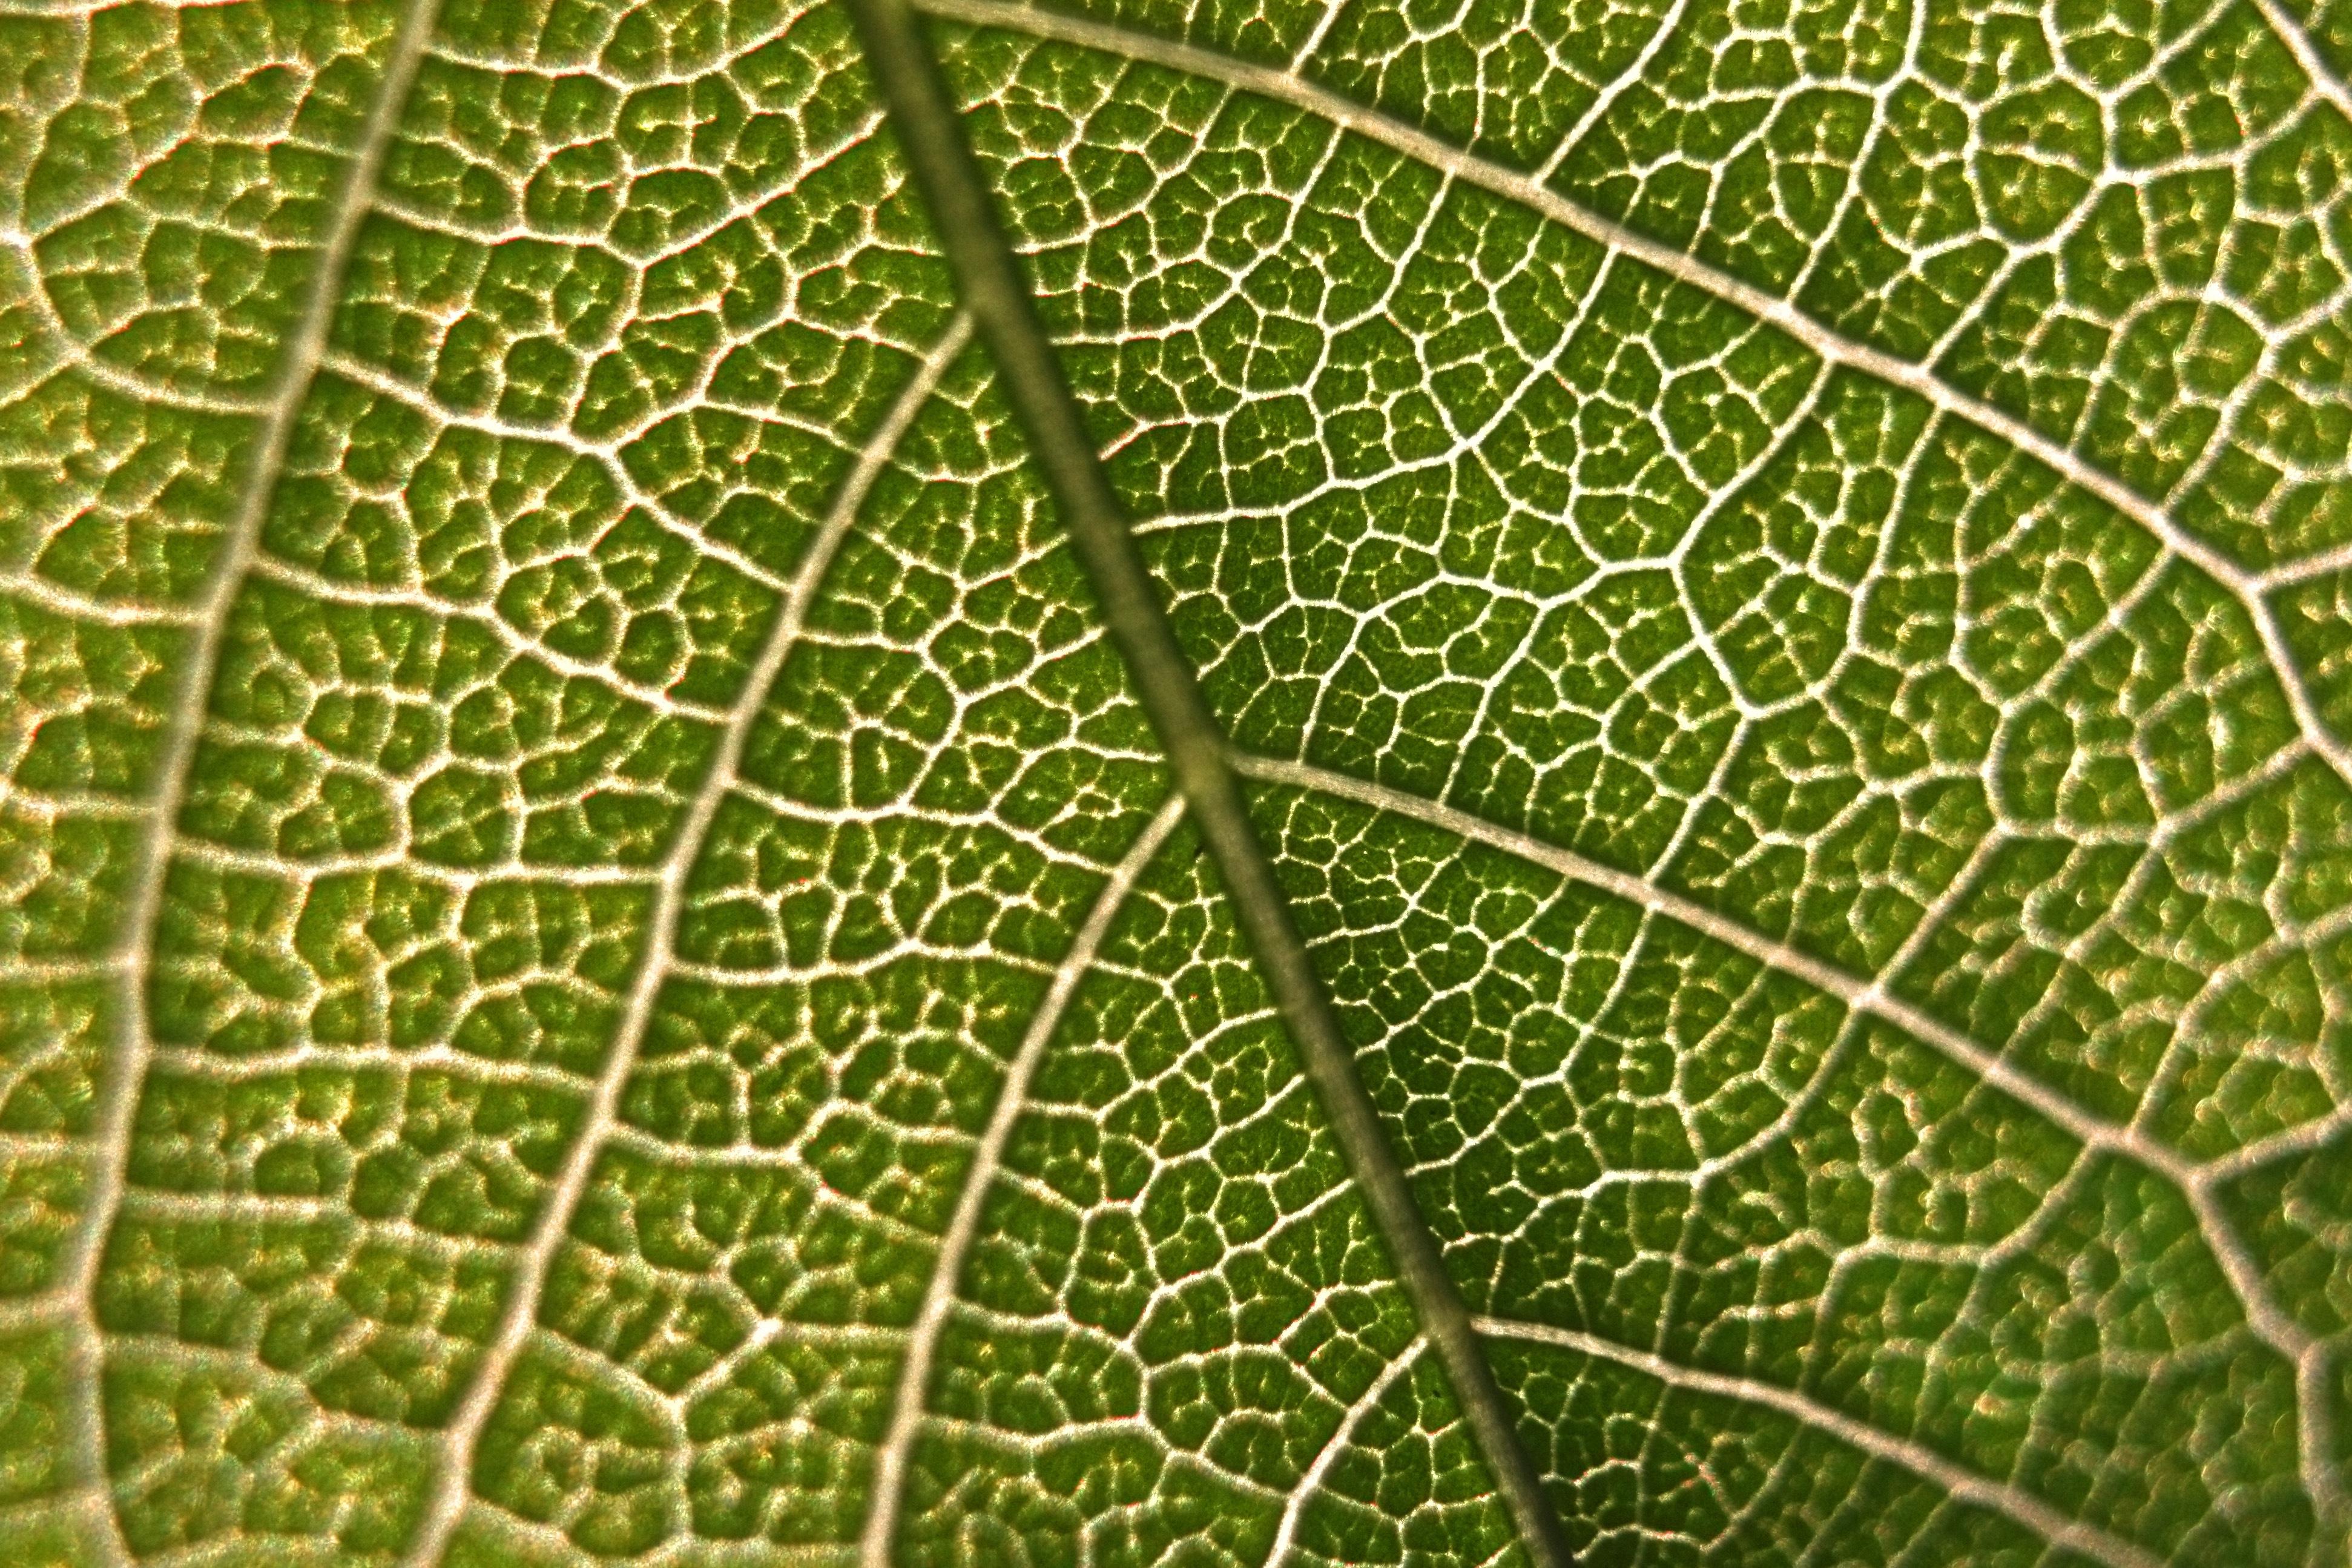 Close-up of leaf, green leaf, leaflet, nature, natural, plant